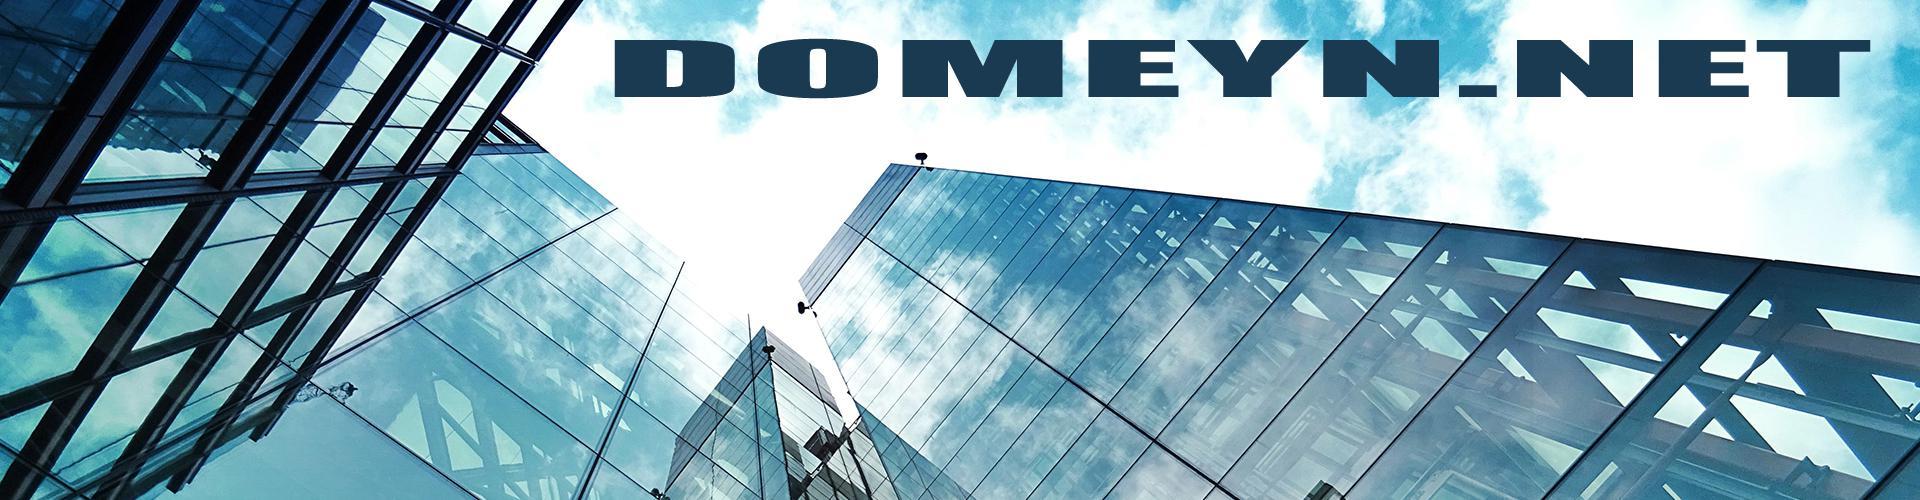 Domeyn.net